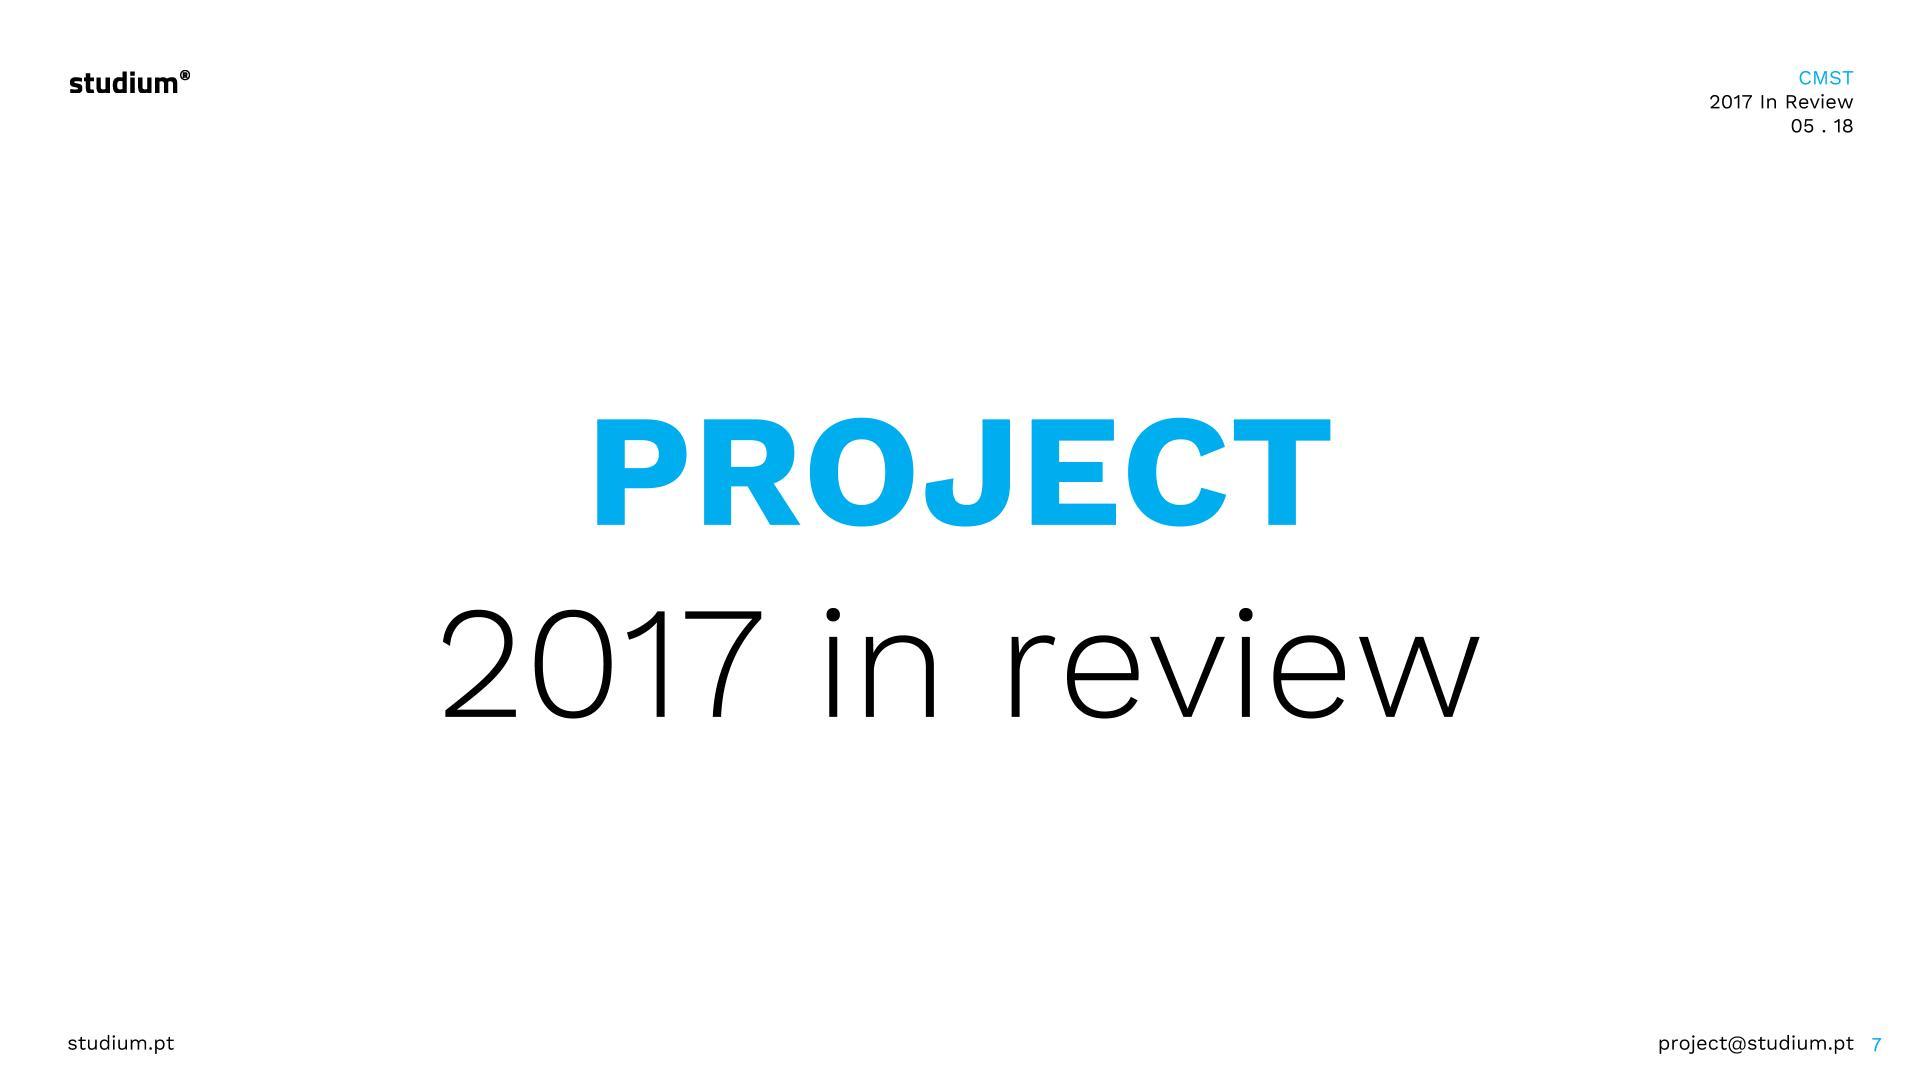 BRD20170006-CMST-Relatório2017-Presentation-PU.01 (6)